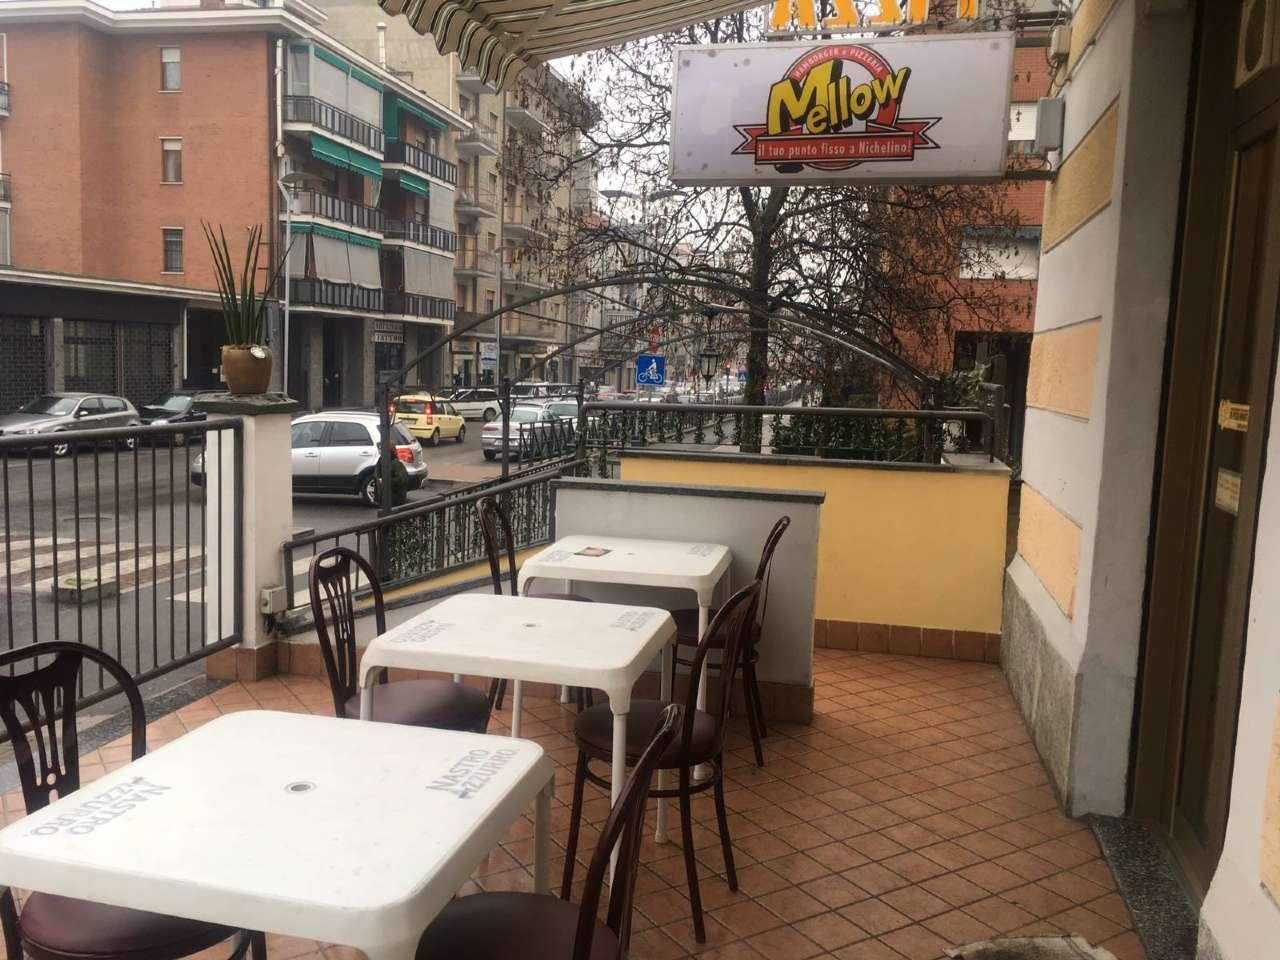 Locale commerciale in Vendita a Nichelino